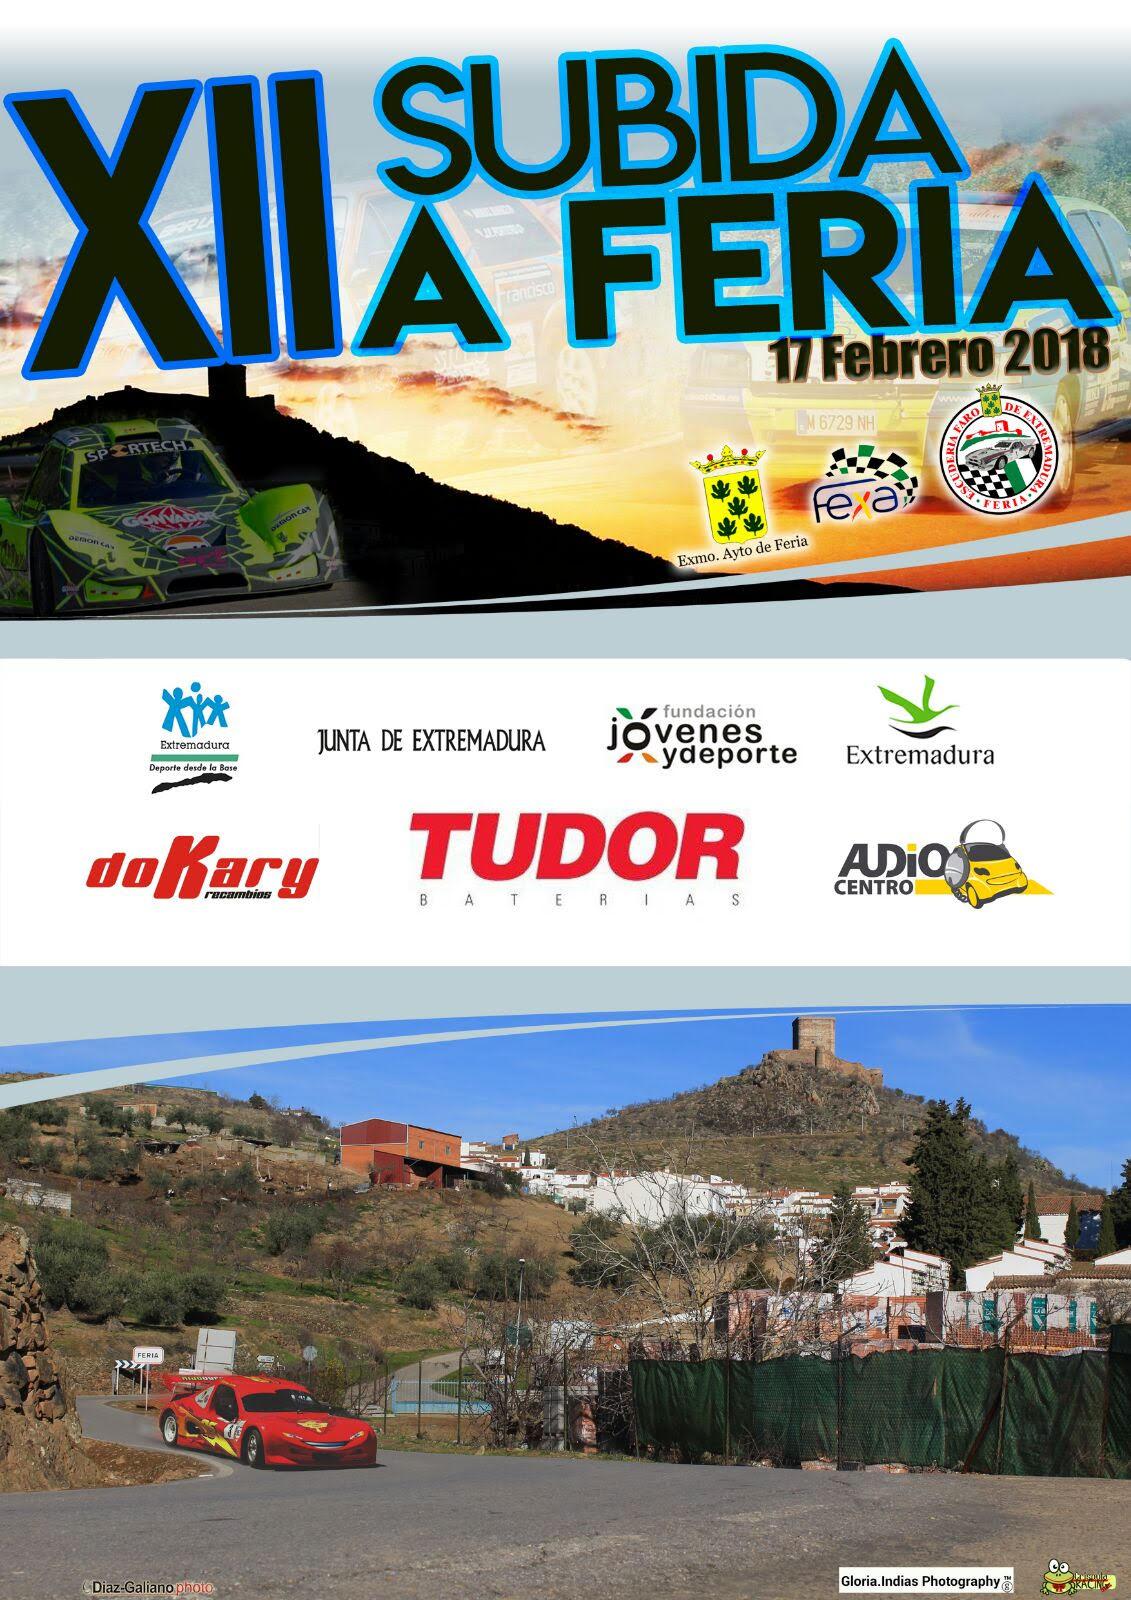 Miguel Grande representante del Extremadura Rallye Team en la Subida a Feria